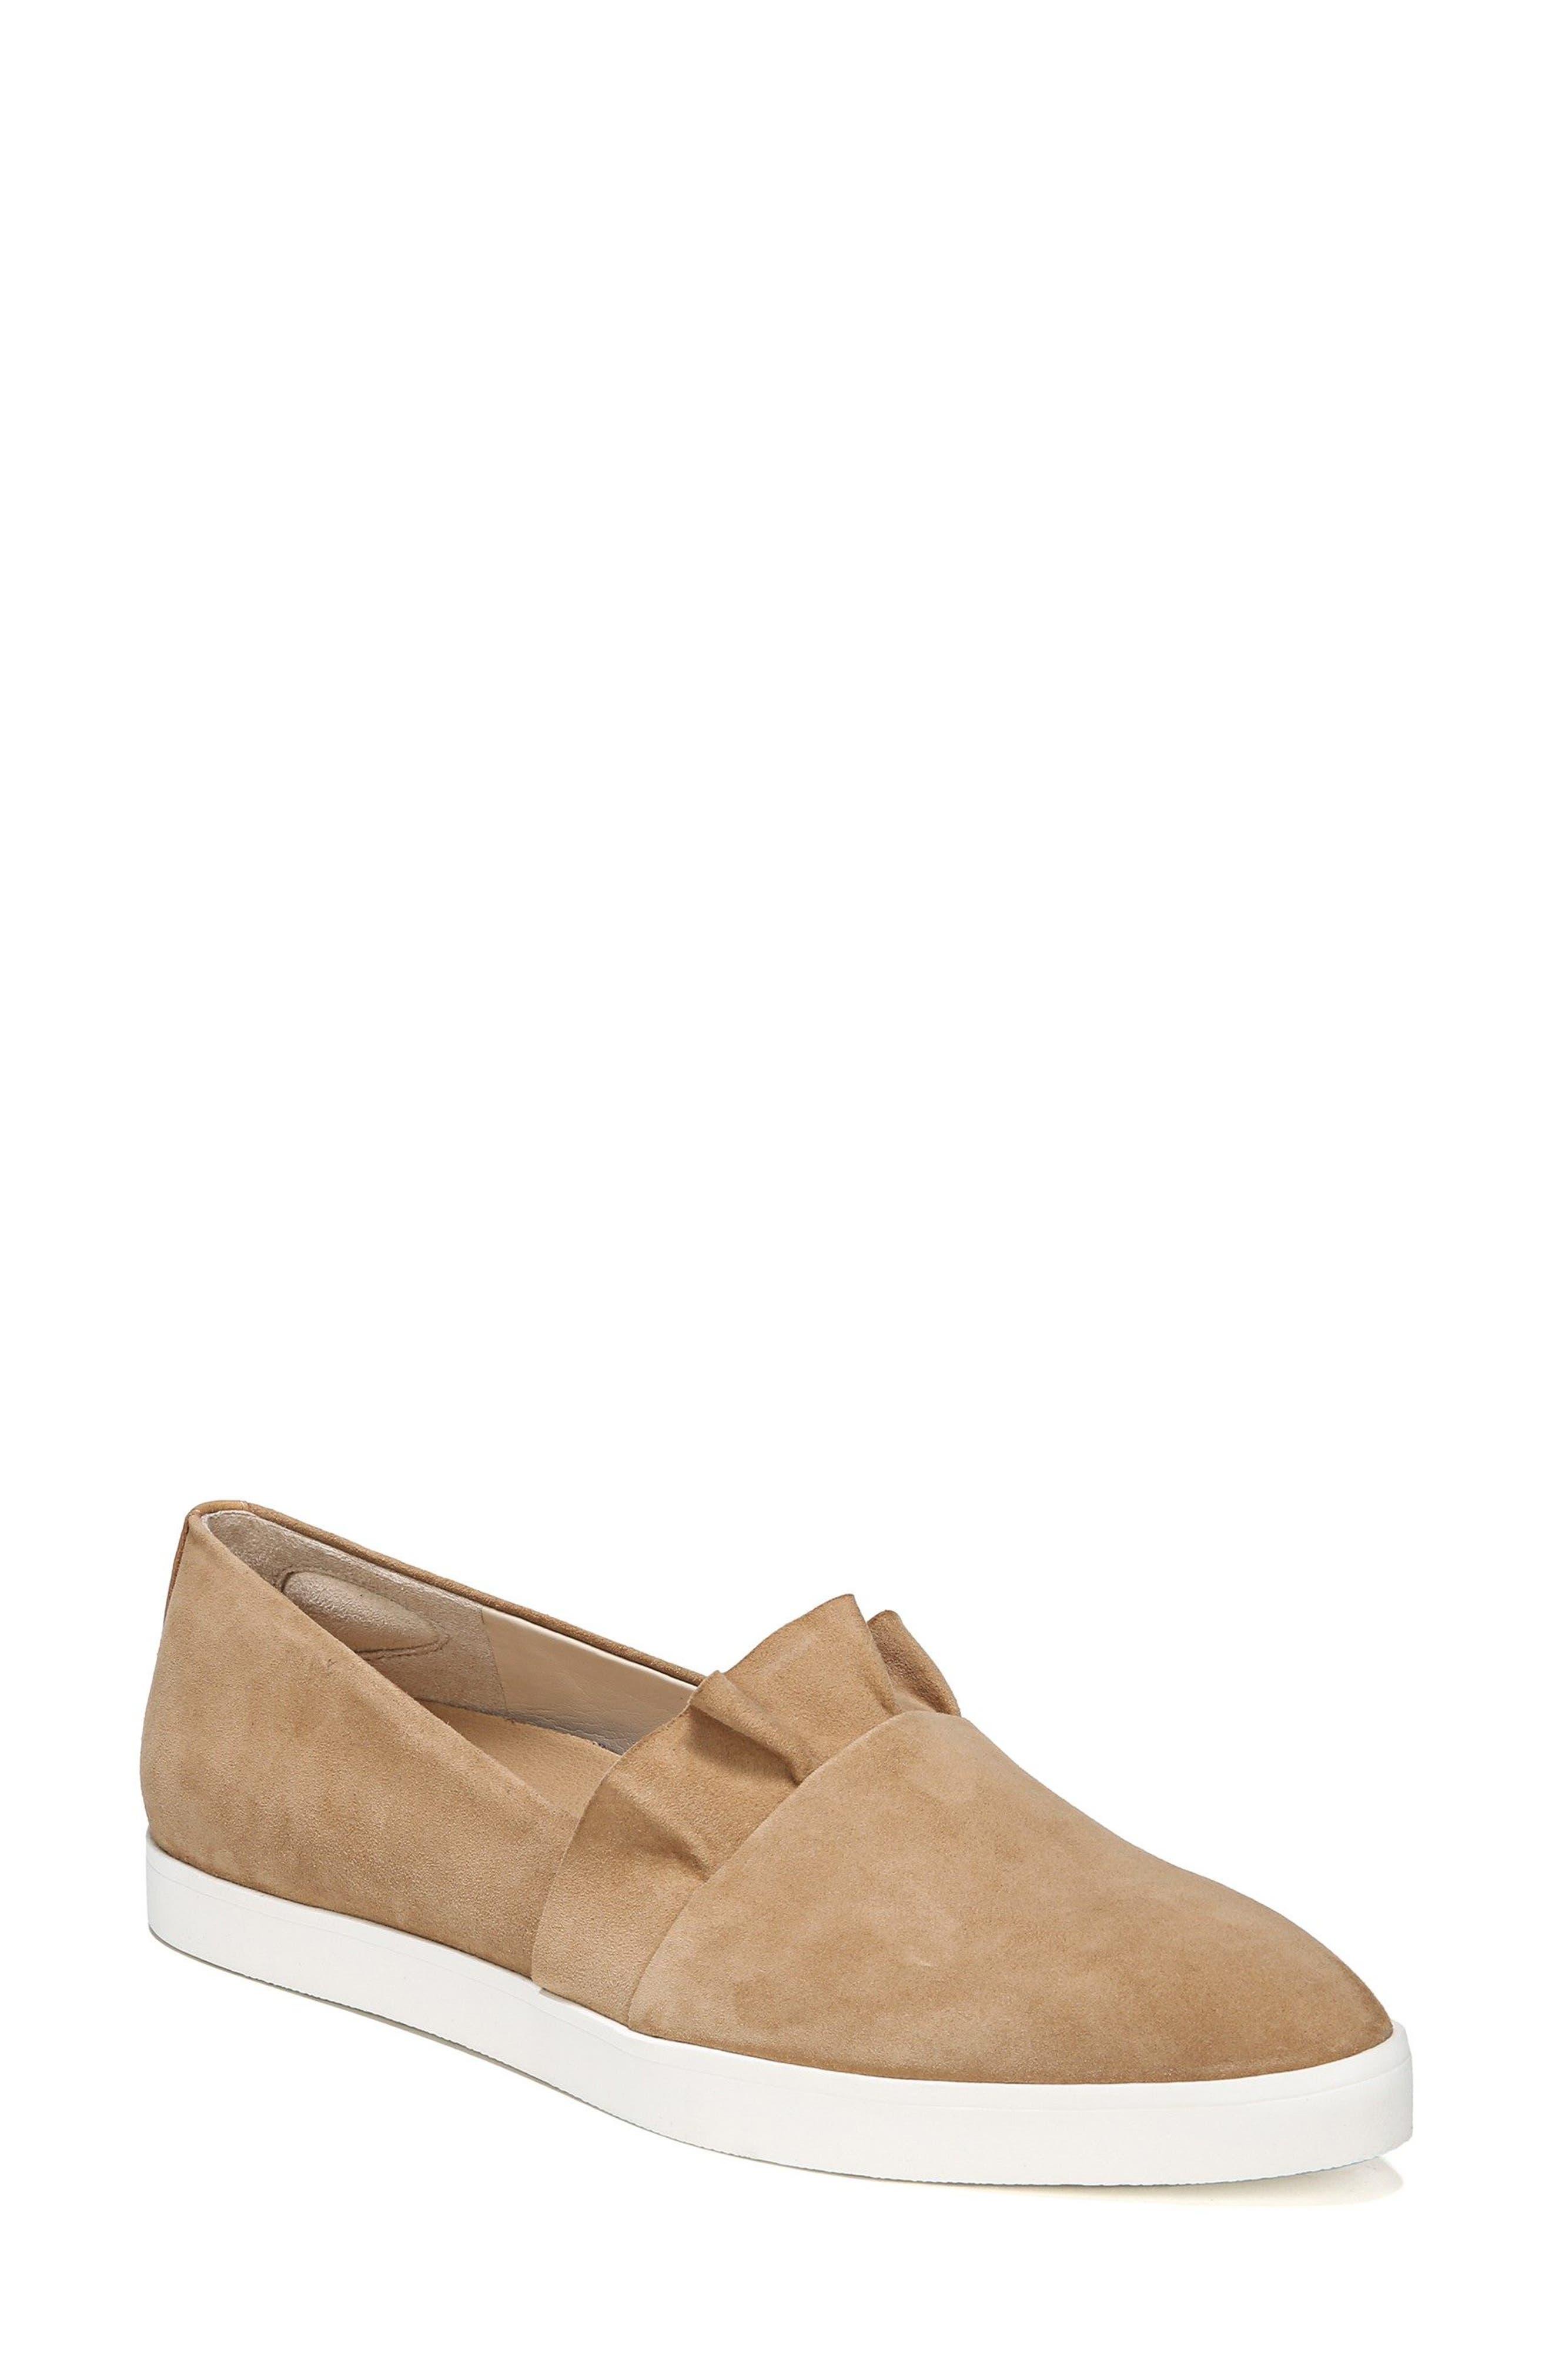 Dr. Scholl's Vienna Slip-On Sneaker (Women)